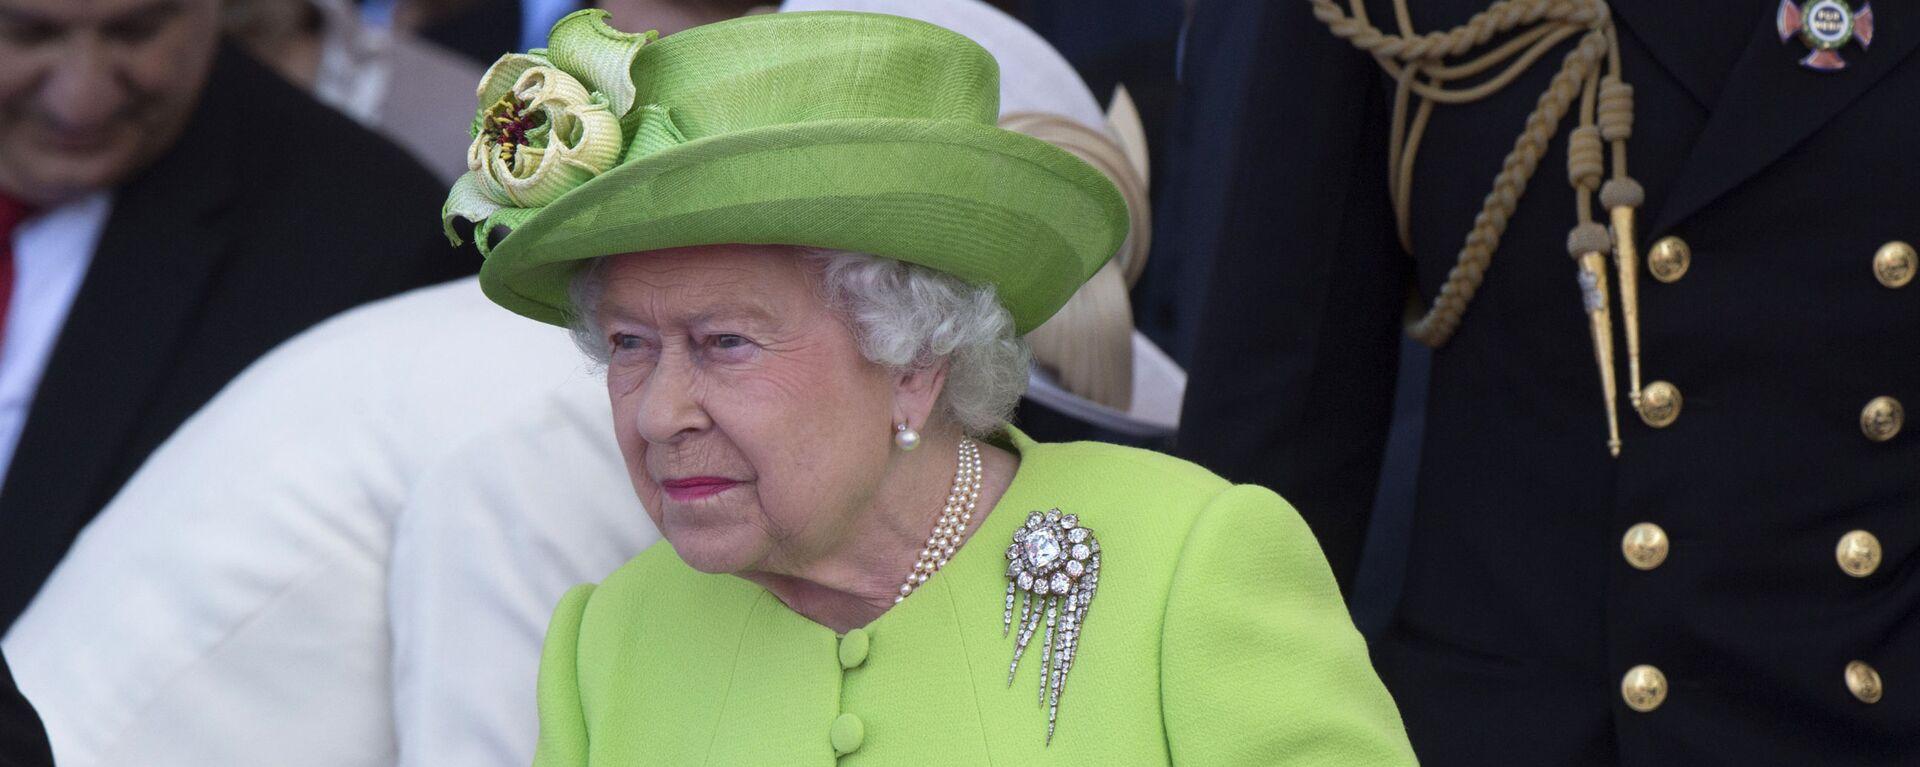 Královna Spojeného království Alžběta II - Sputnik Česká republika, 1920, 22.08.2021